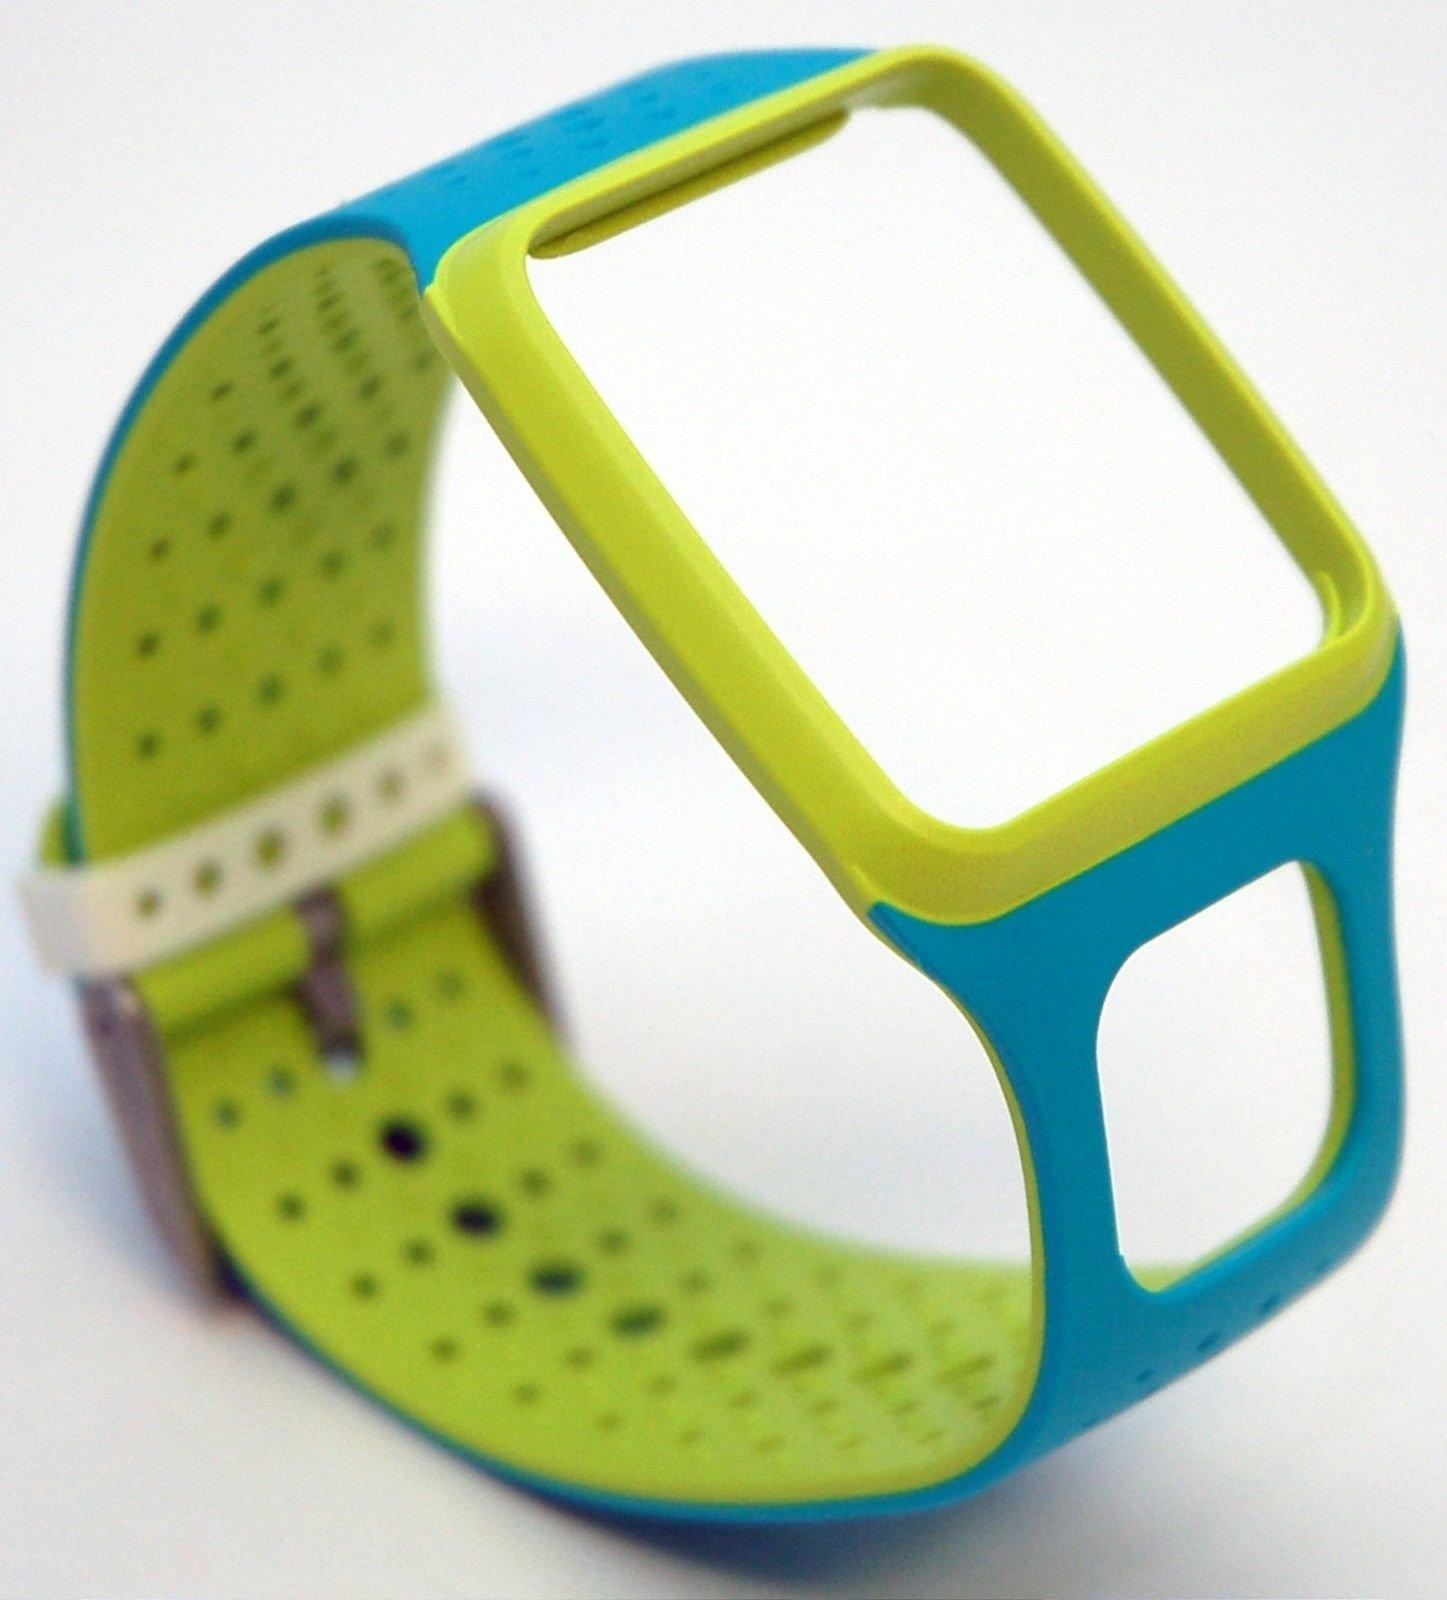 TomTom Comfort Strap Slim NEON GREEN/BLUE Runner Multi-Sport GPS Watch HRM+ 9URS.001.03 -Bulk Packaging